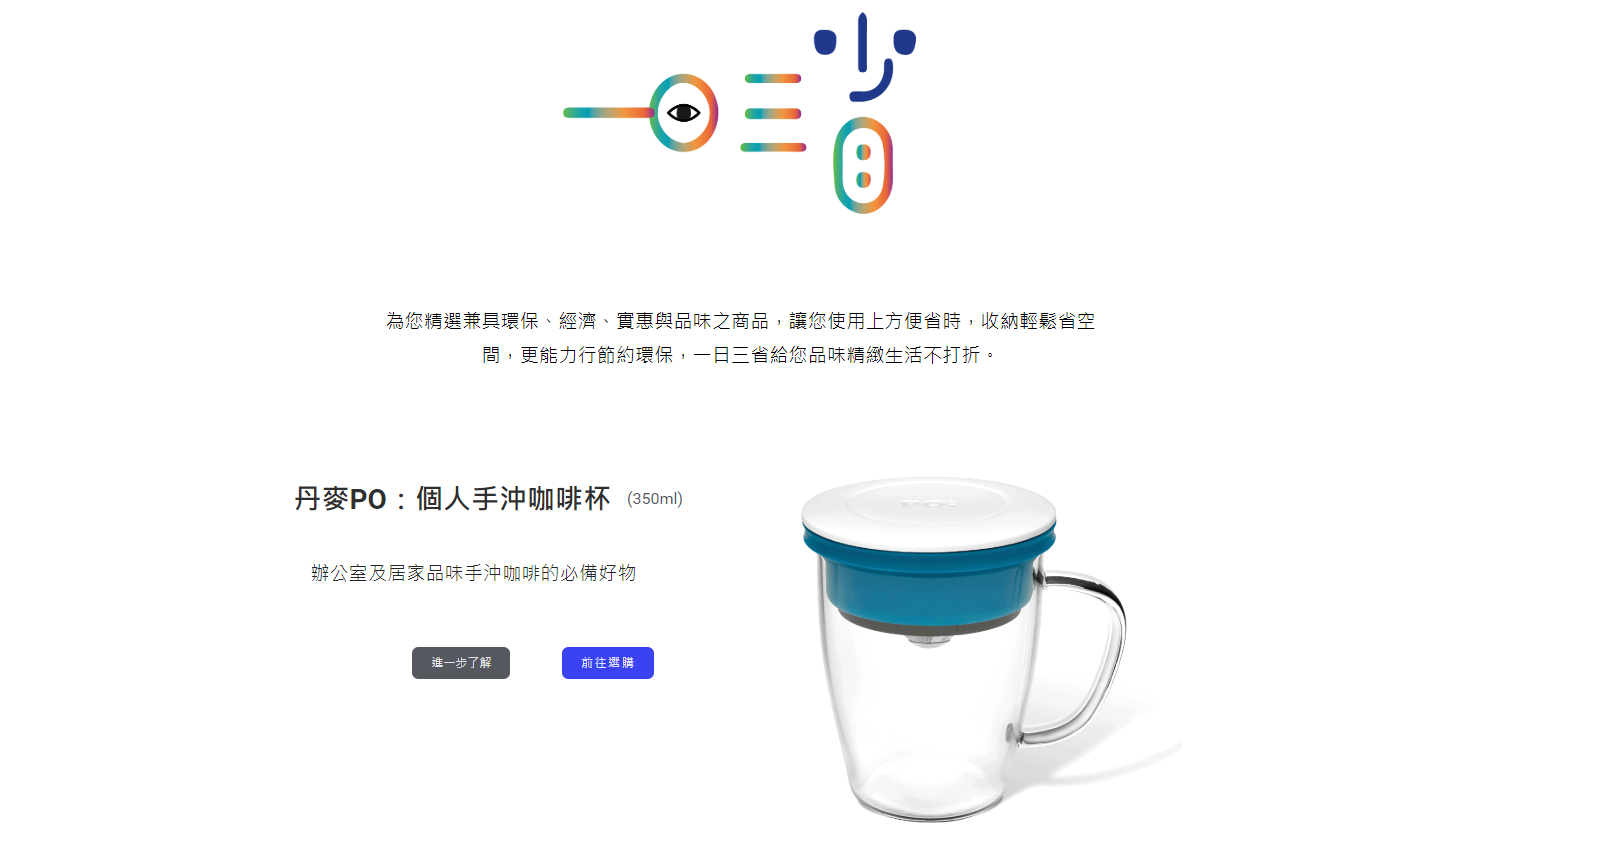 數位行銷班專題網站作品-一日三省咖啡杯